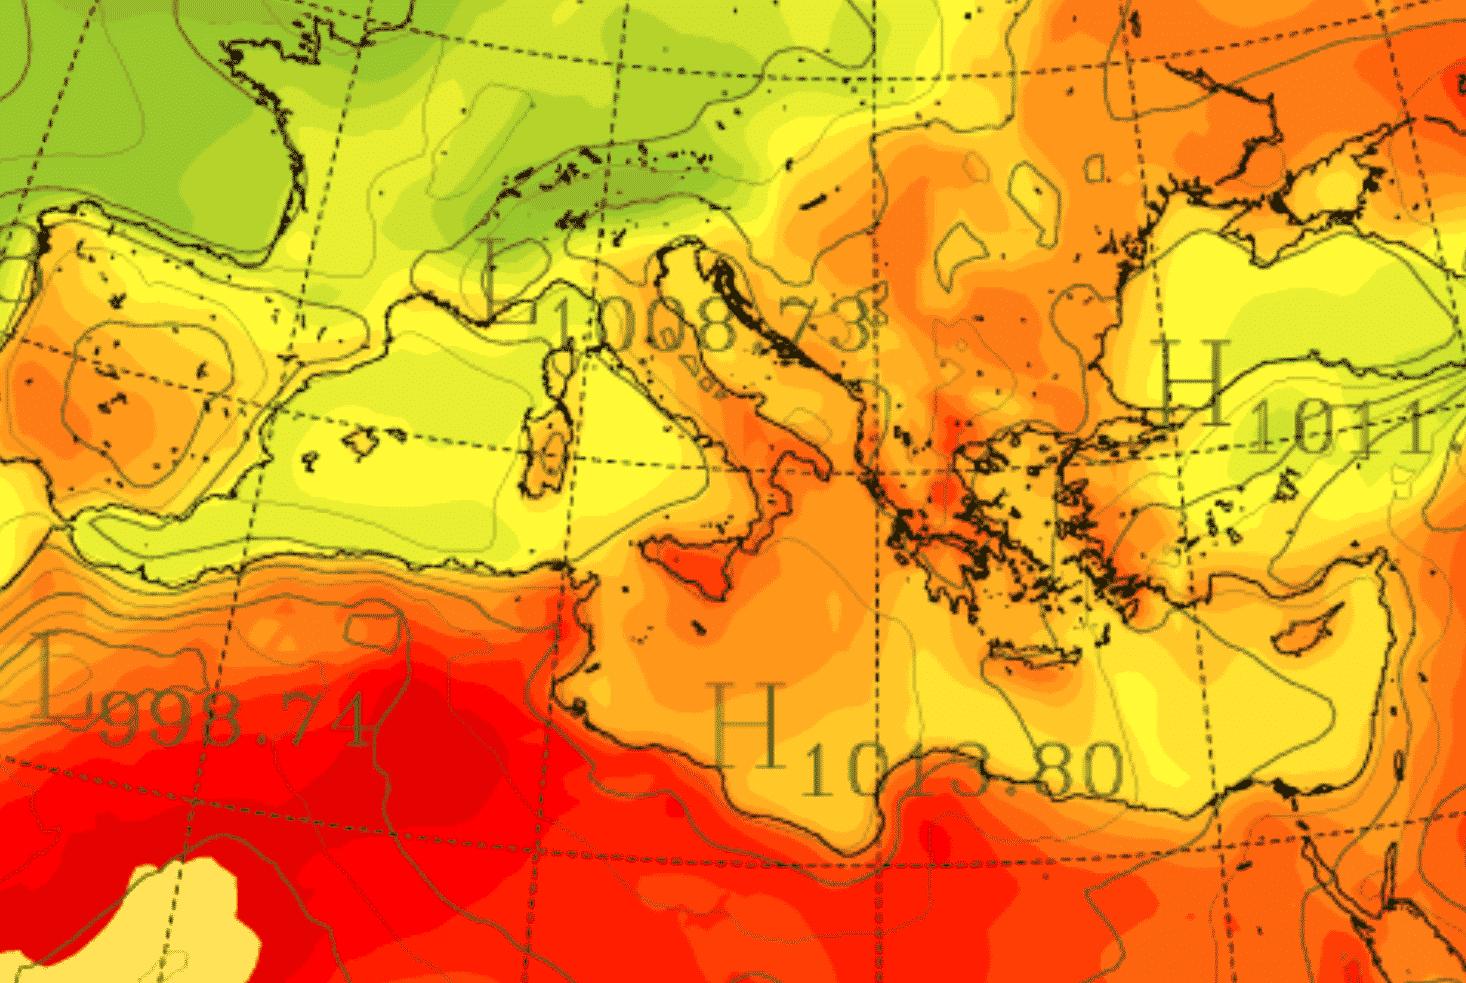 Meteo Sicilia, non si arresta l'ondata di calore: domani temperature estreme e allerta massima su Catania e Messina